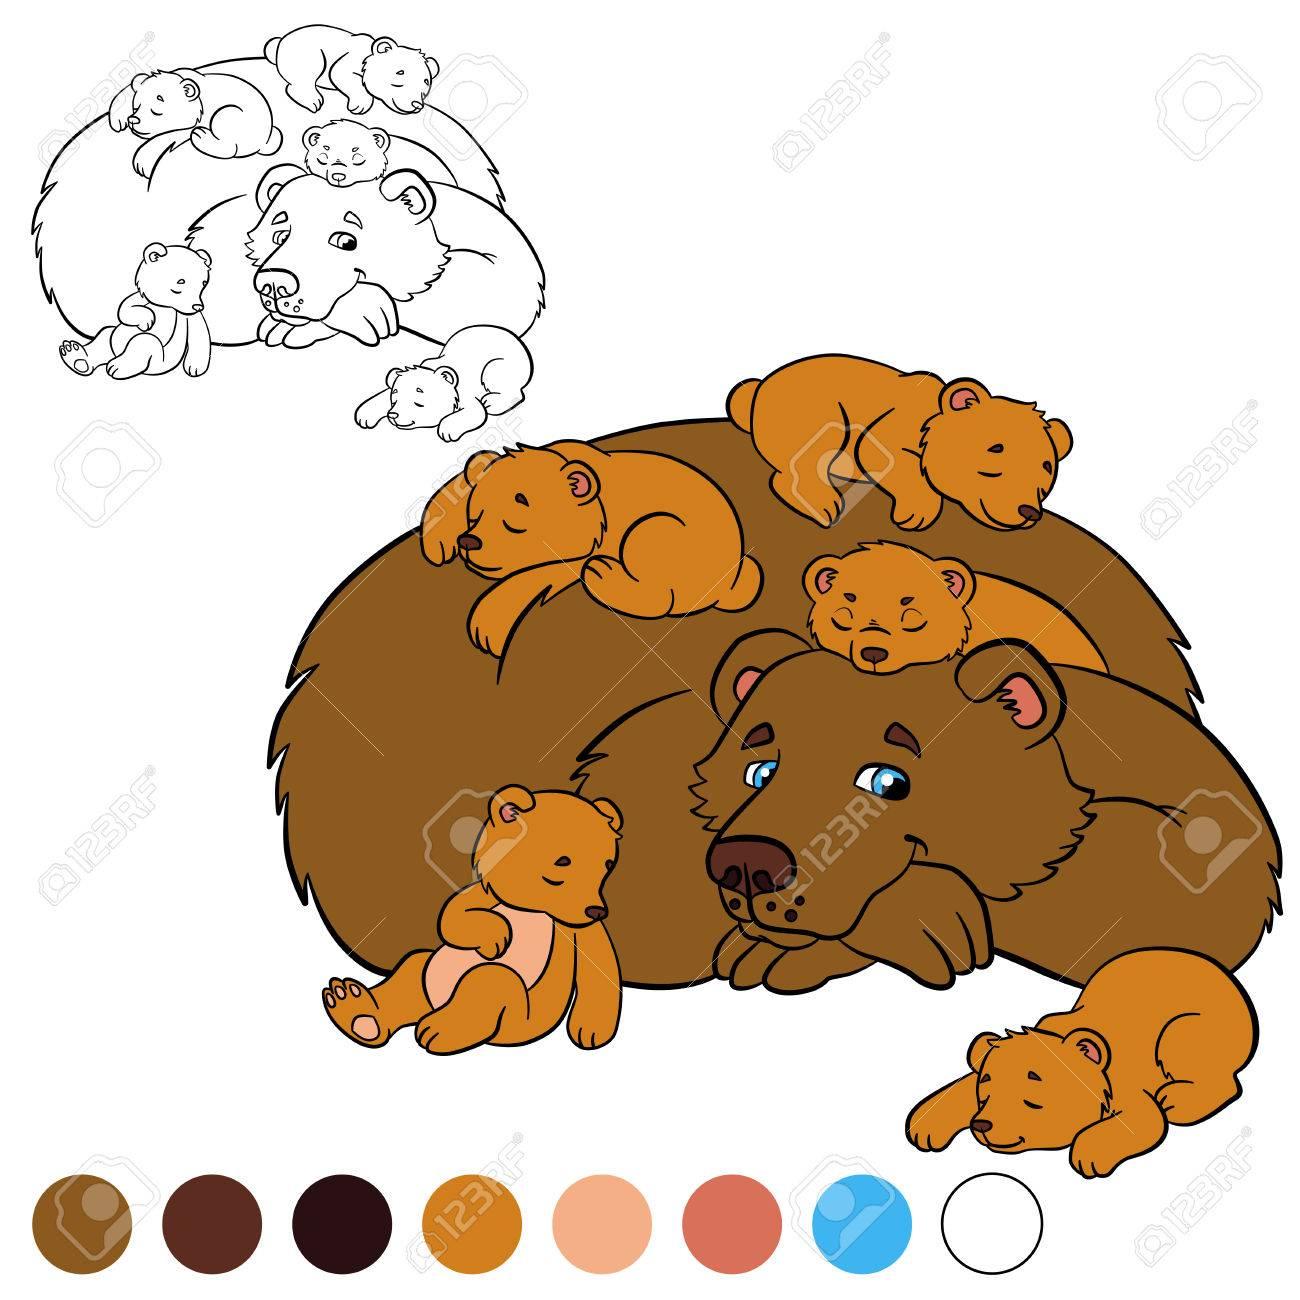 Dibujo Para Colorear Color Me Oso Oso Del Papá Con Sus Pequeños Osos Lindos Del Bebé